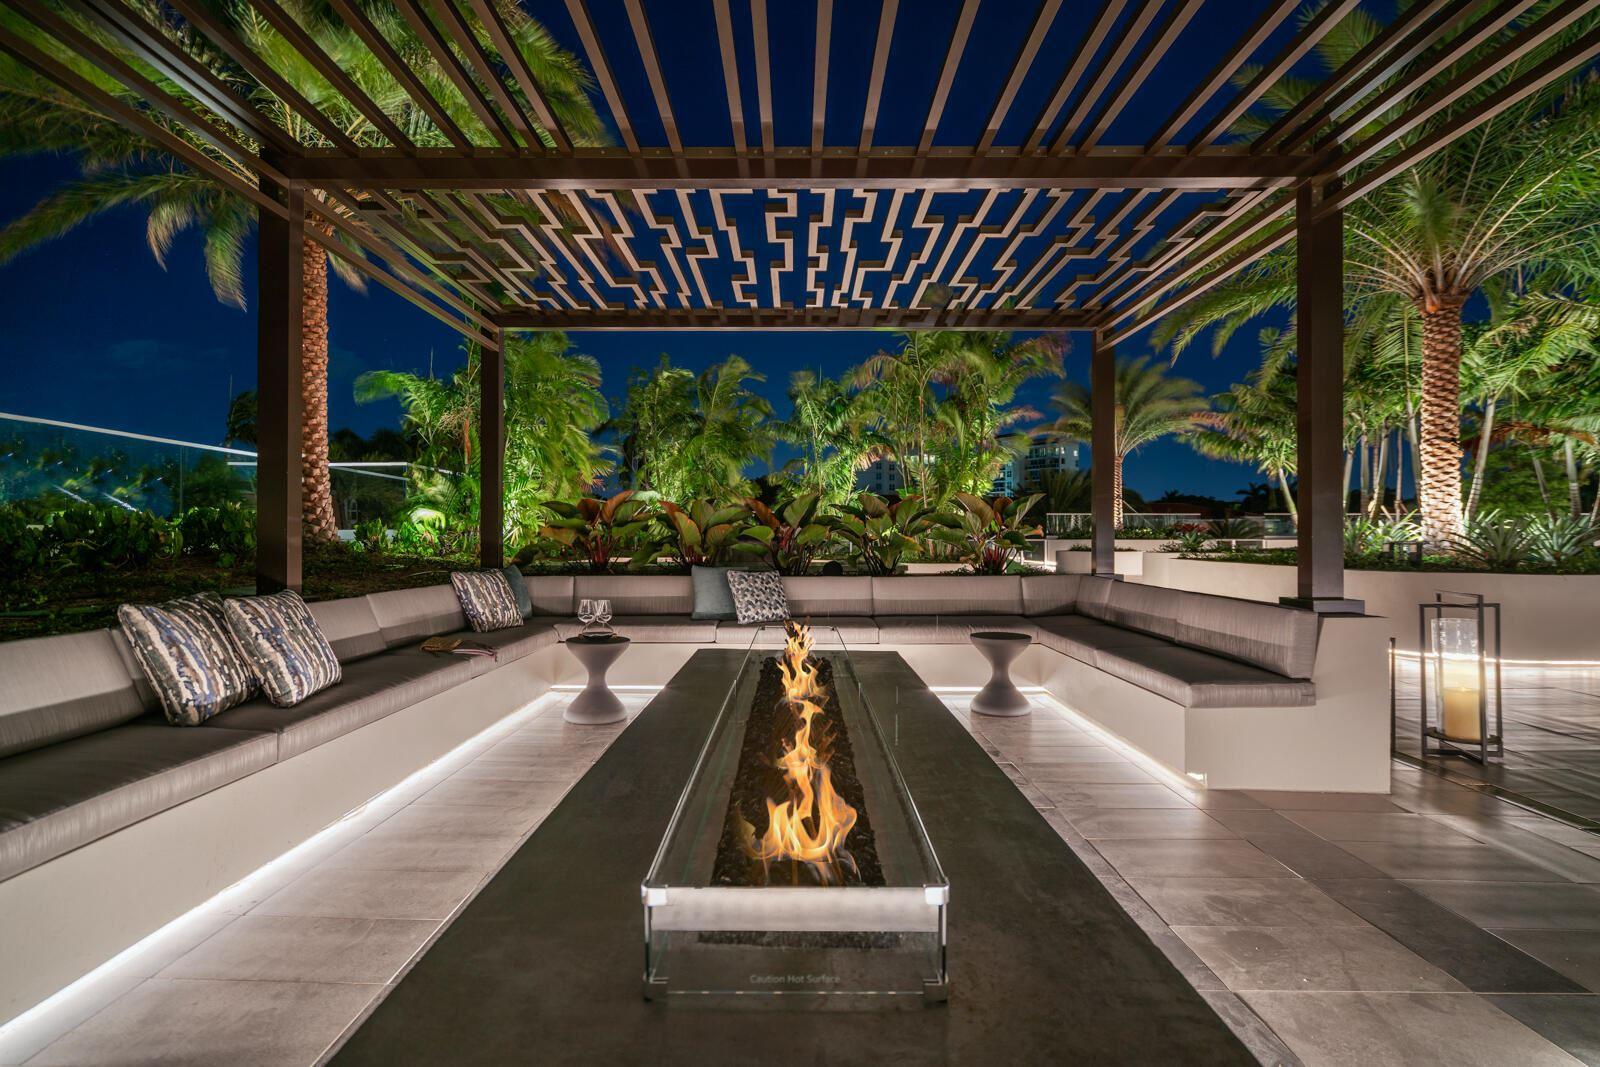 200 SE Mizner Boulevard #106, Boca Raton, FL 33432 - #: RX-10742328